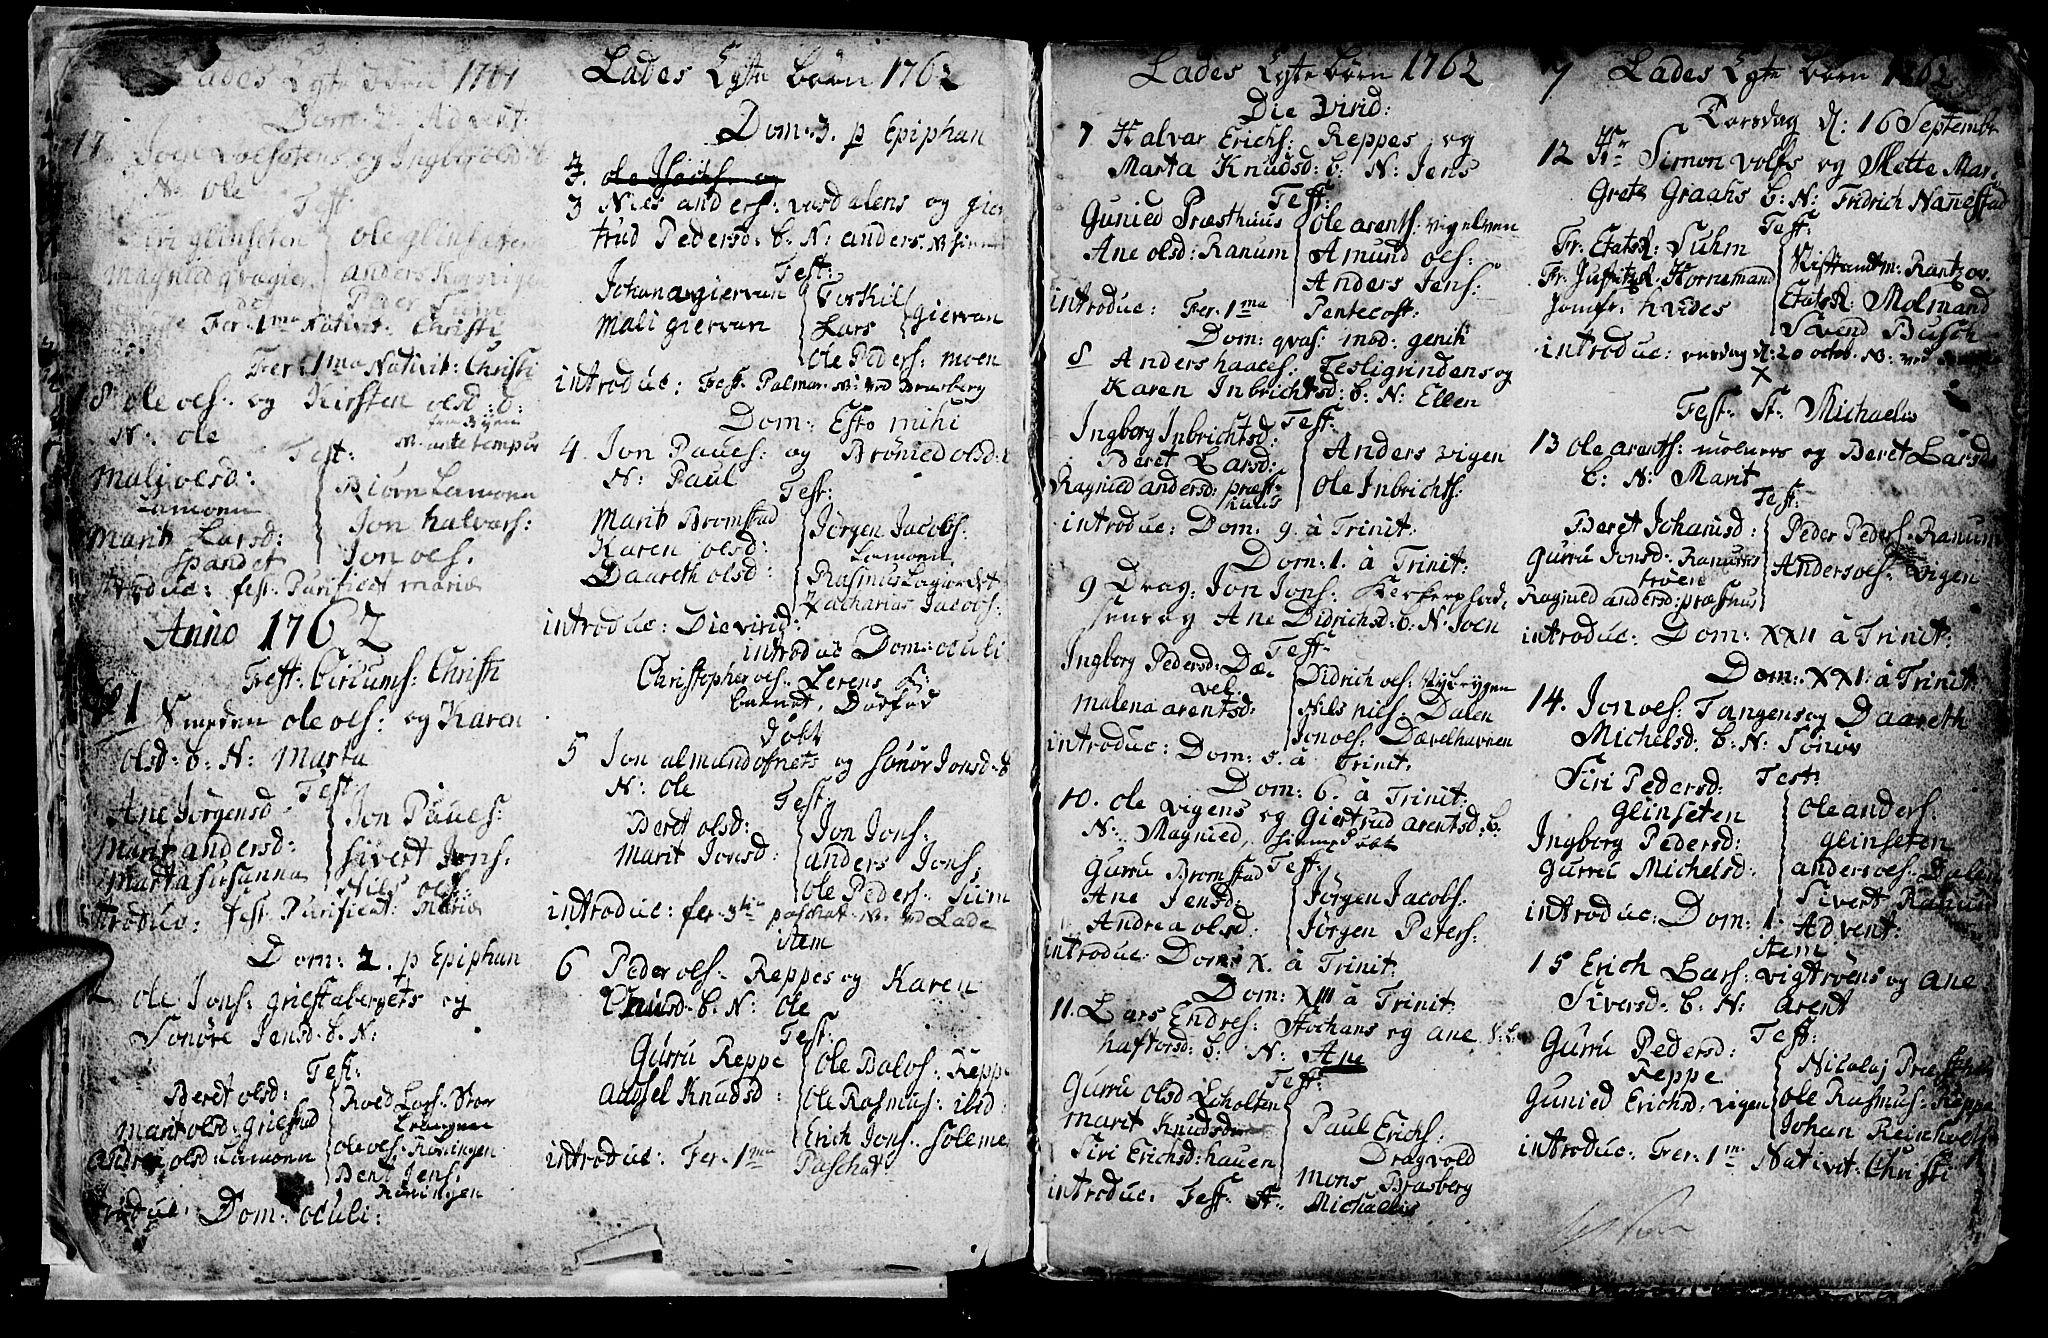 SAT, Ministerialprotokoller, klokkerbøker og fødselsregistre - Sør-Trøndelag, 606/L0305: Klokkerbok nr. 606C01, 1757-1819, s. 7